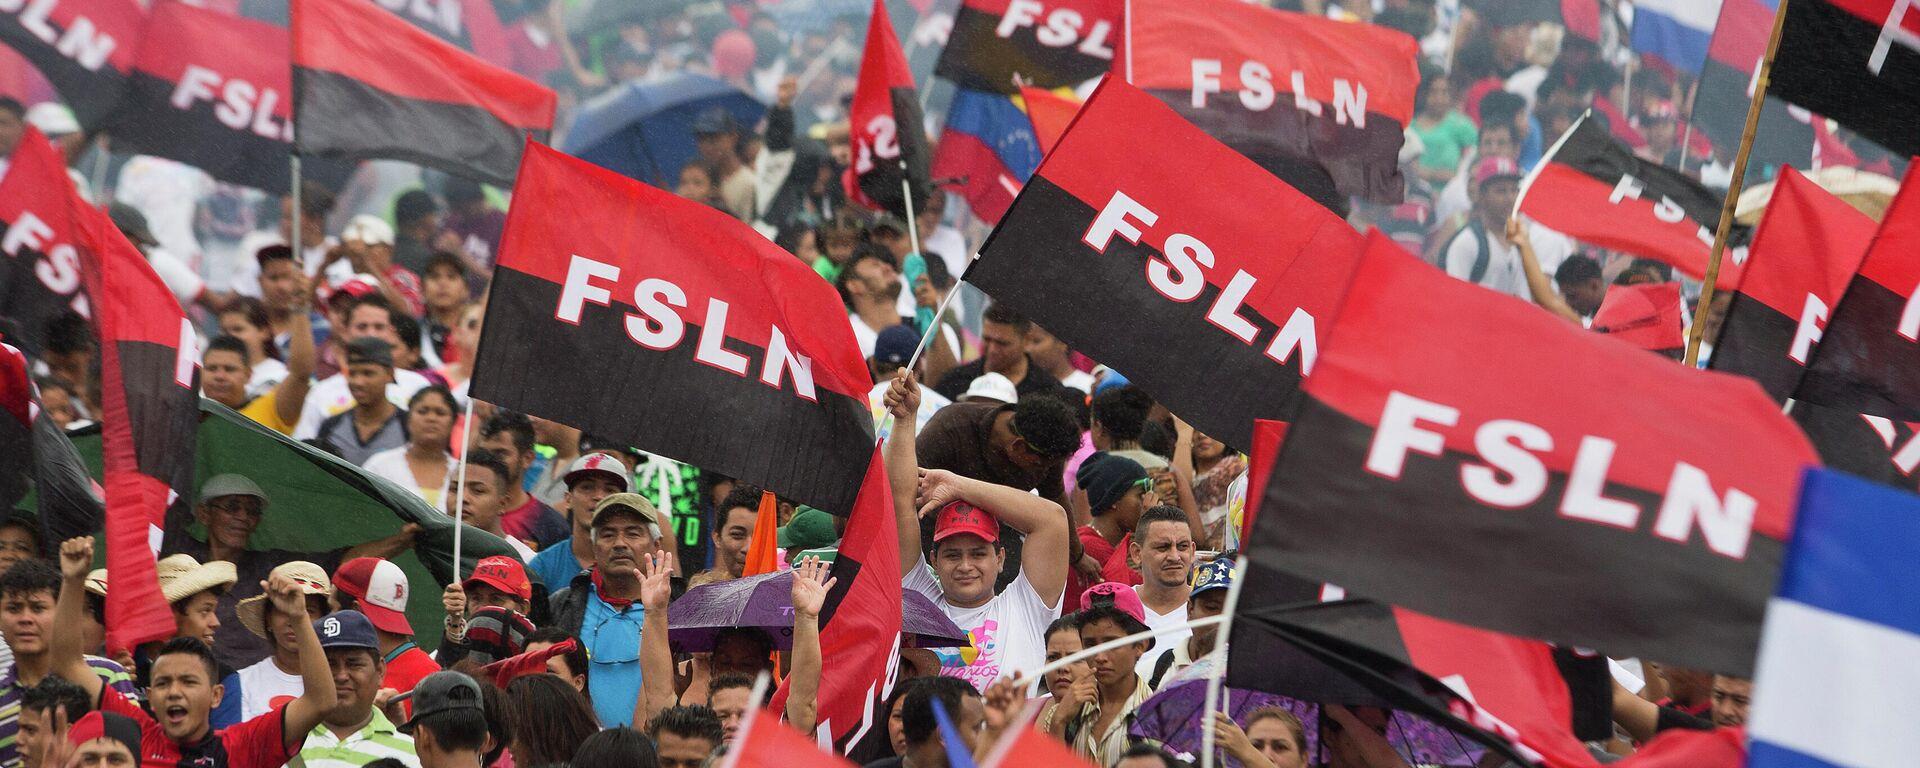 Partidarios del Frente Sandinista de Liberación Nacional (FSLN) - Sputnik Mundo, 1920, 31.08.2021